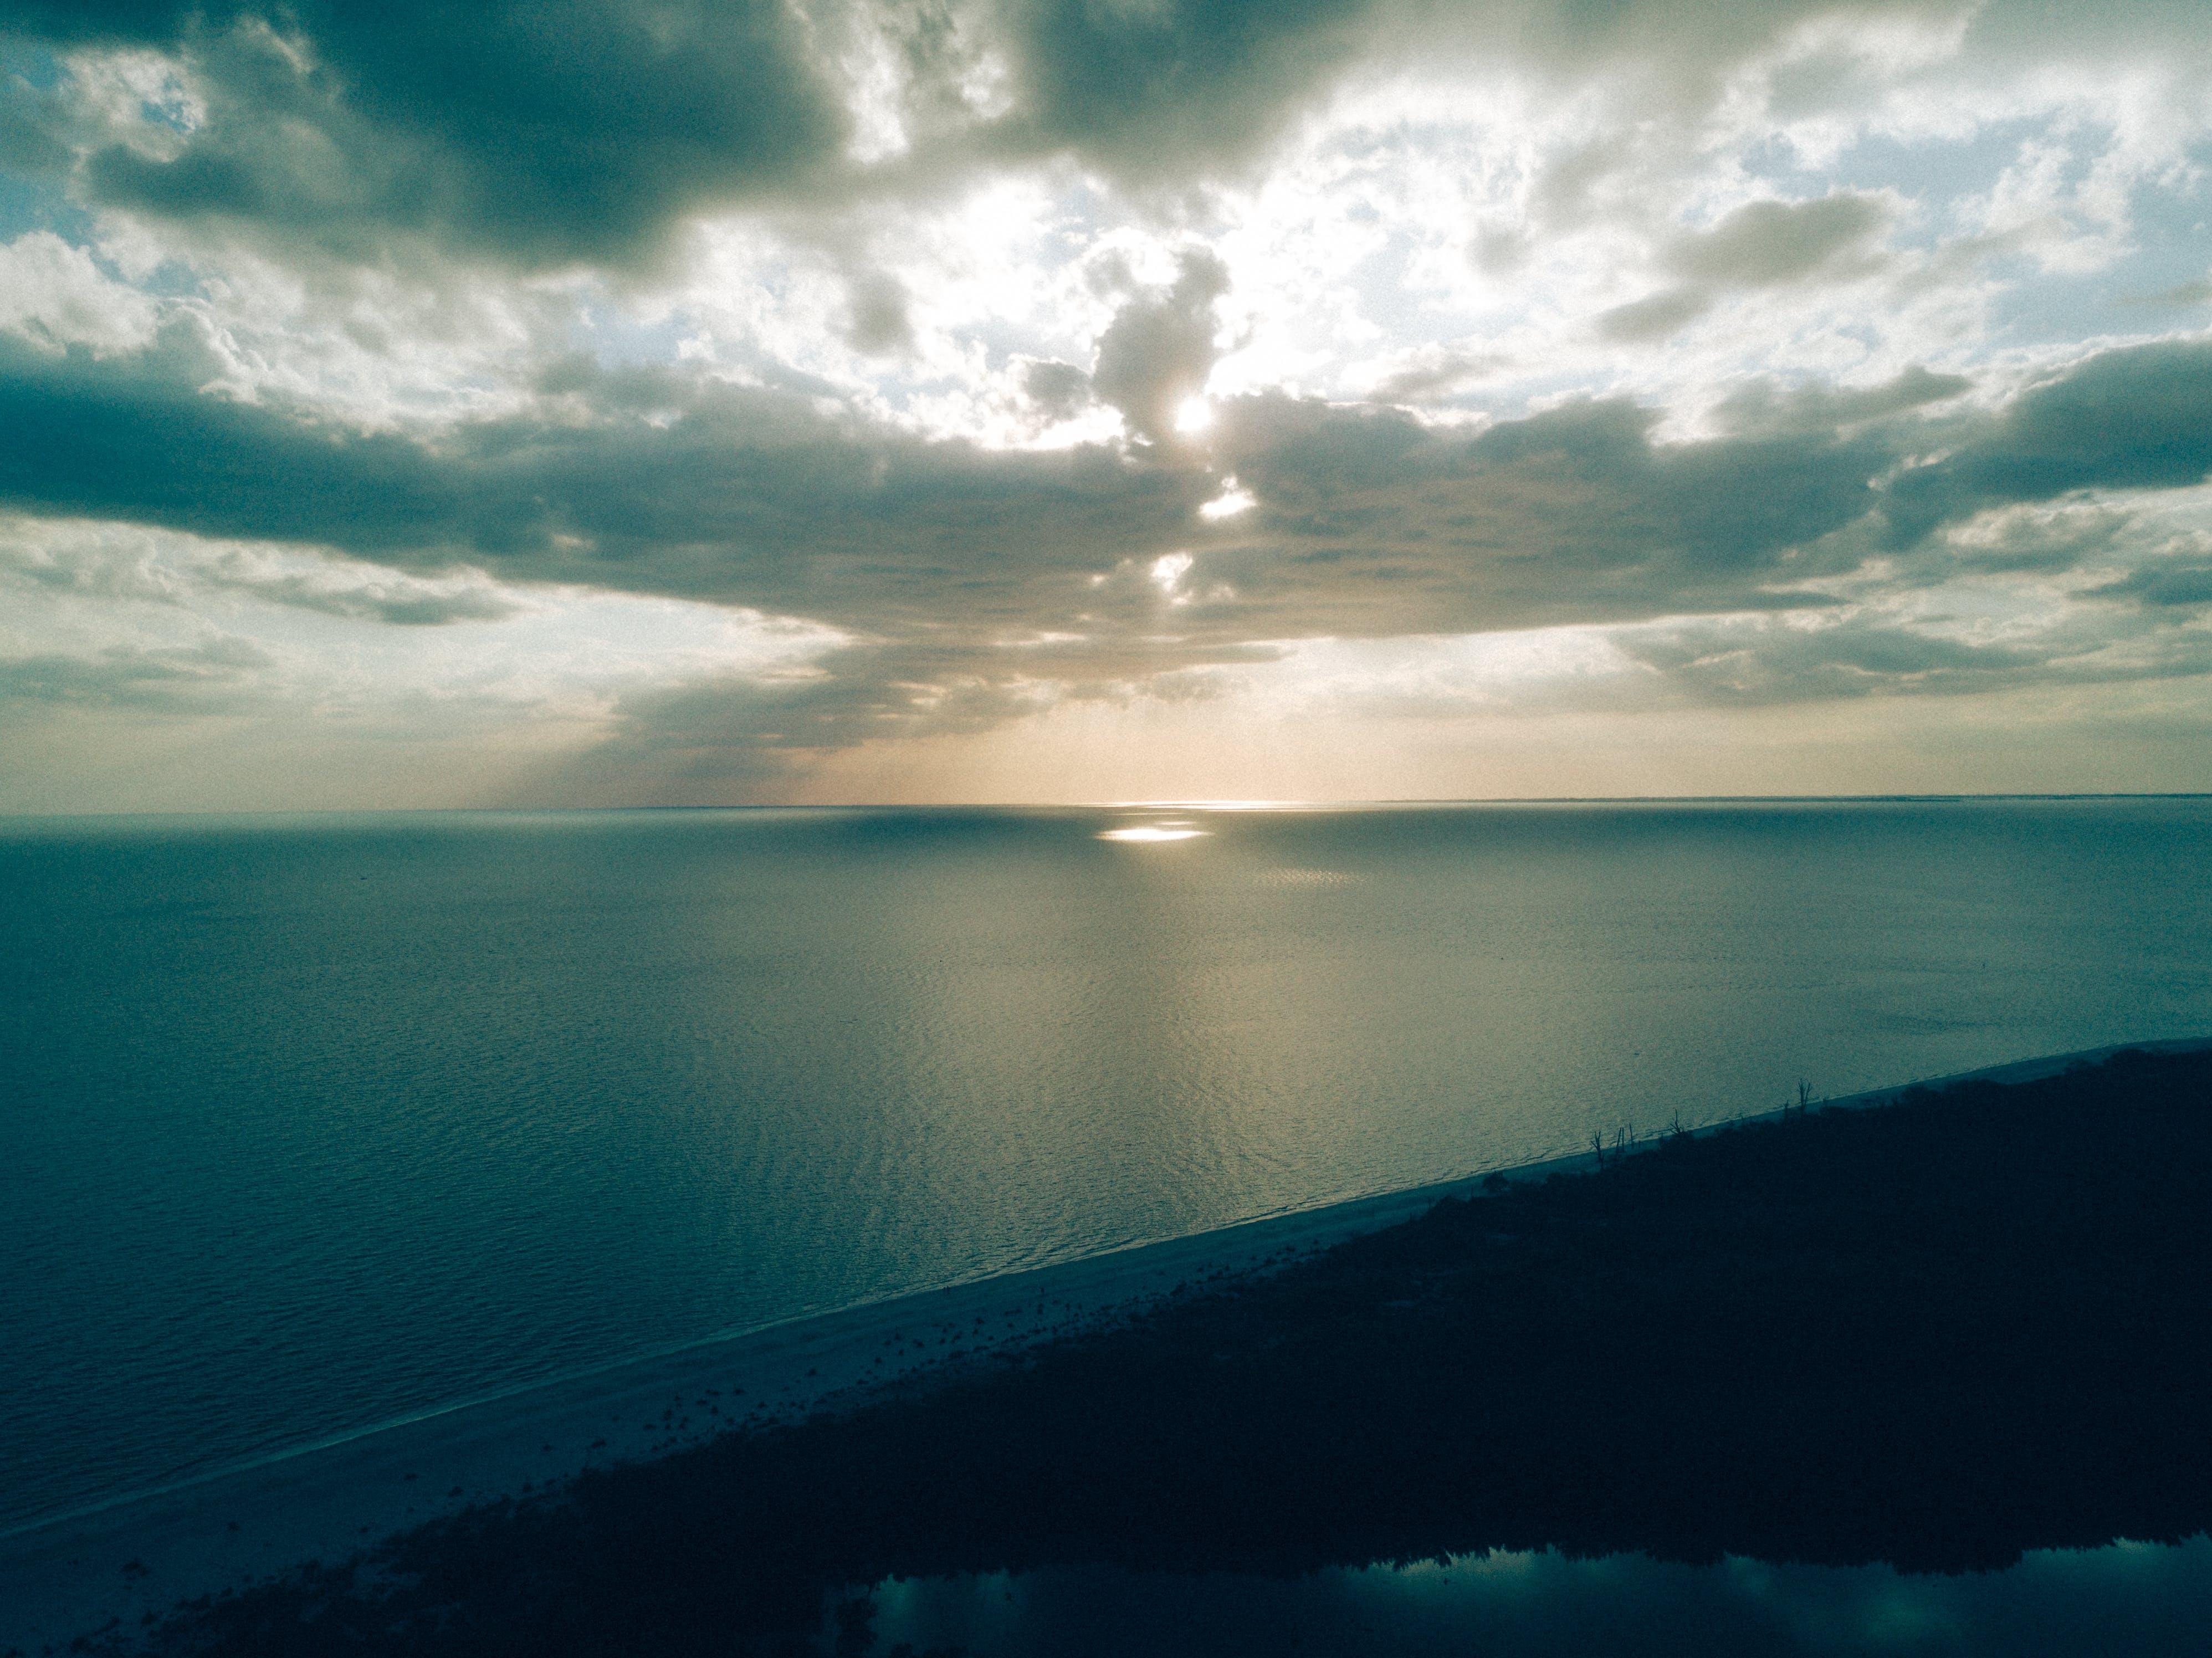 가벼운, 구름, 물, 바다의 무료 스톡 사진